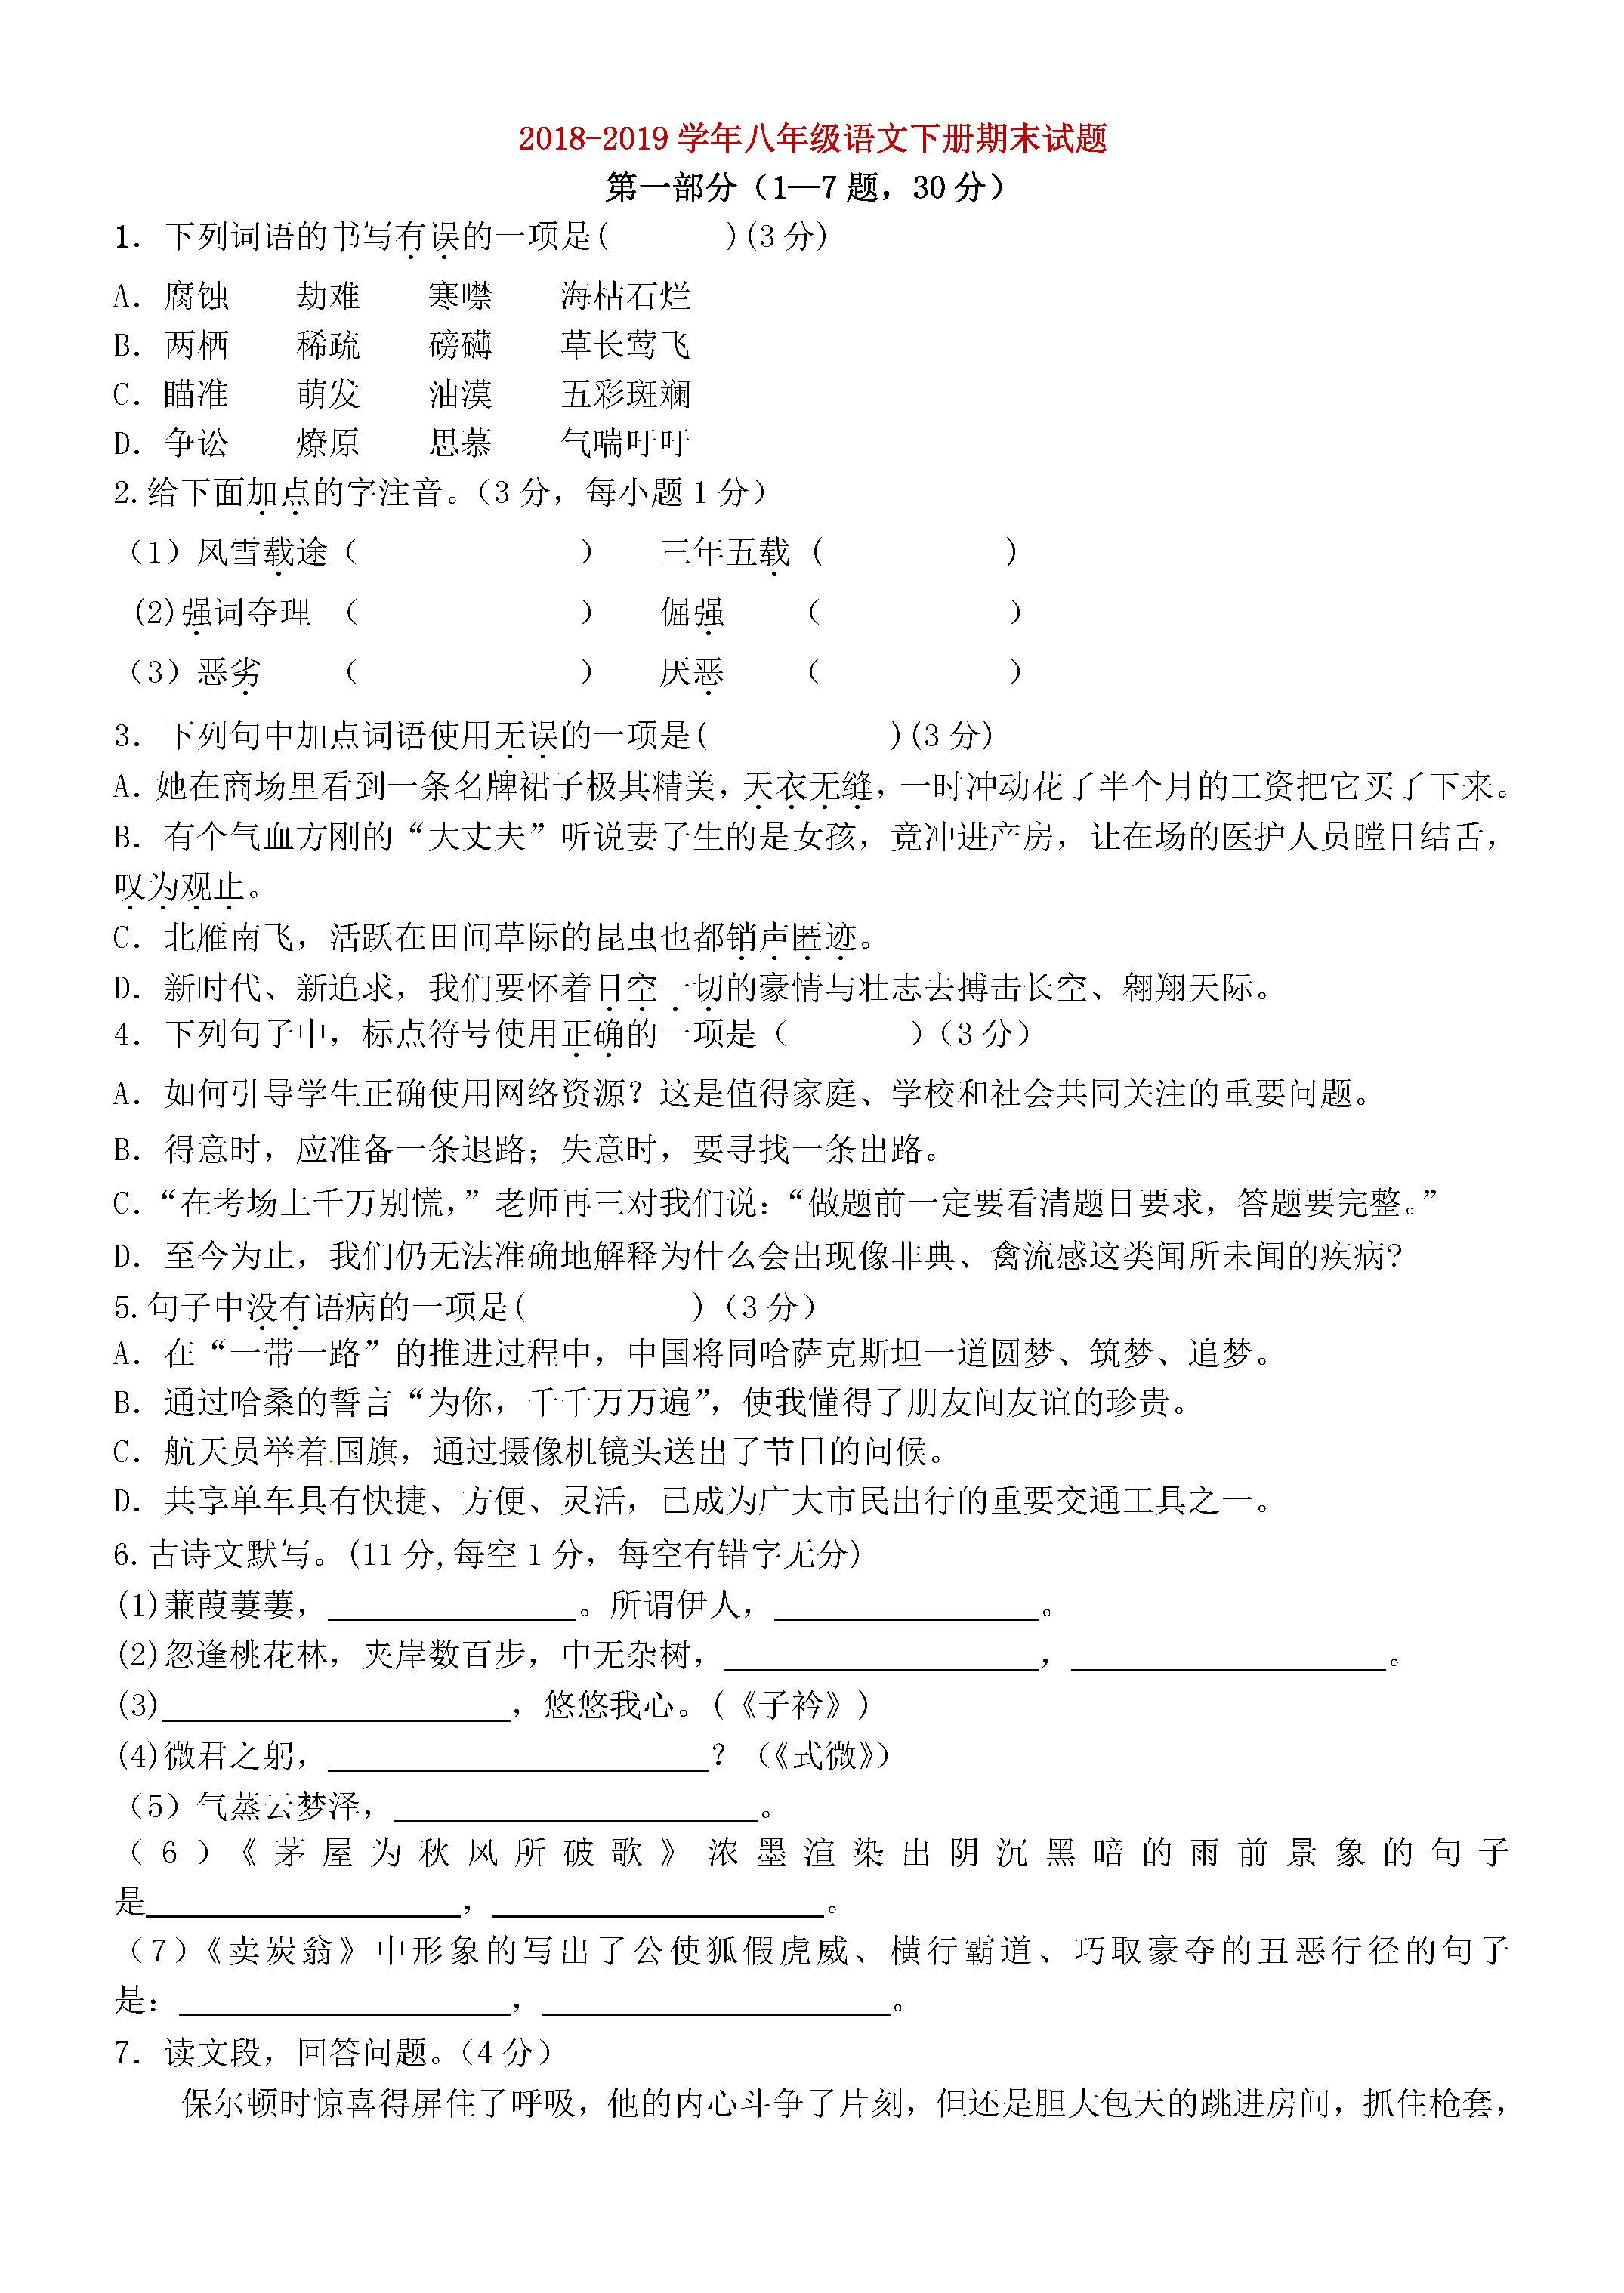 河北沧州市2018-2019八年级语文下册期末试题含答案